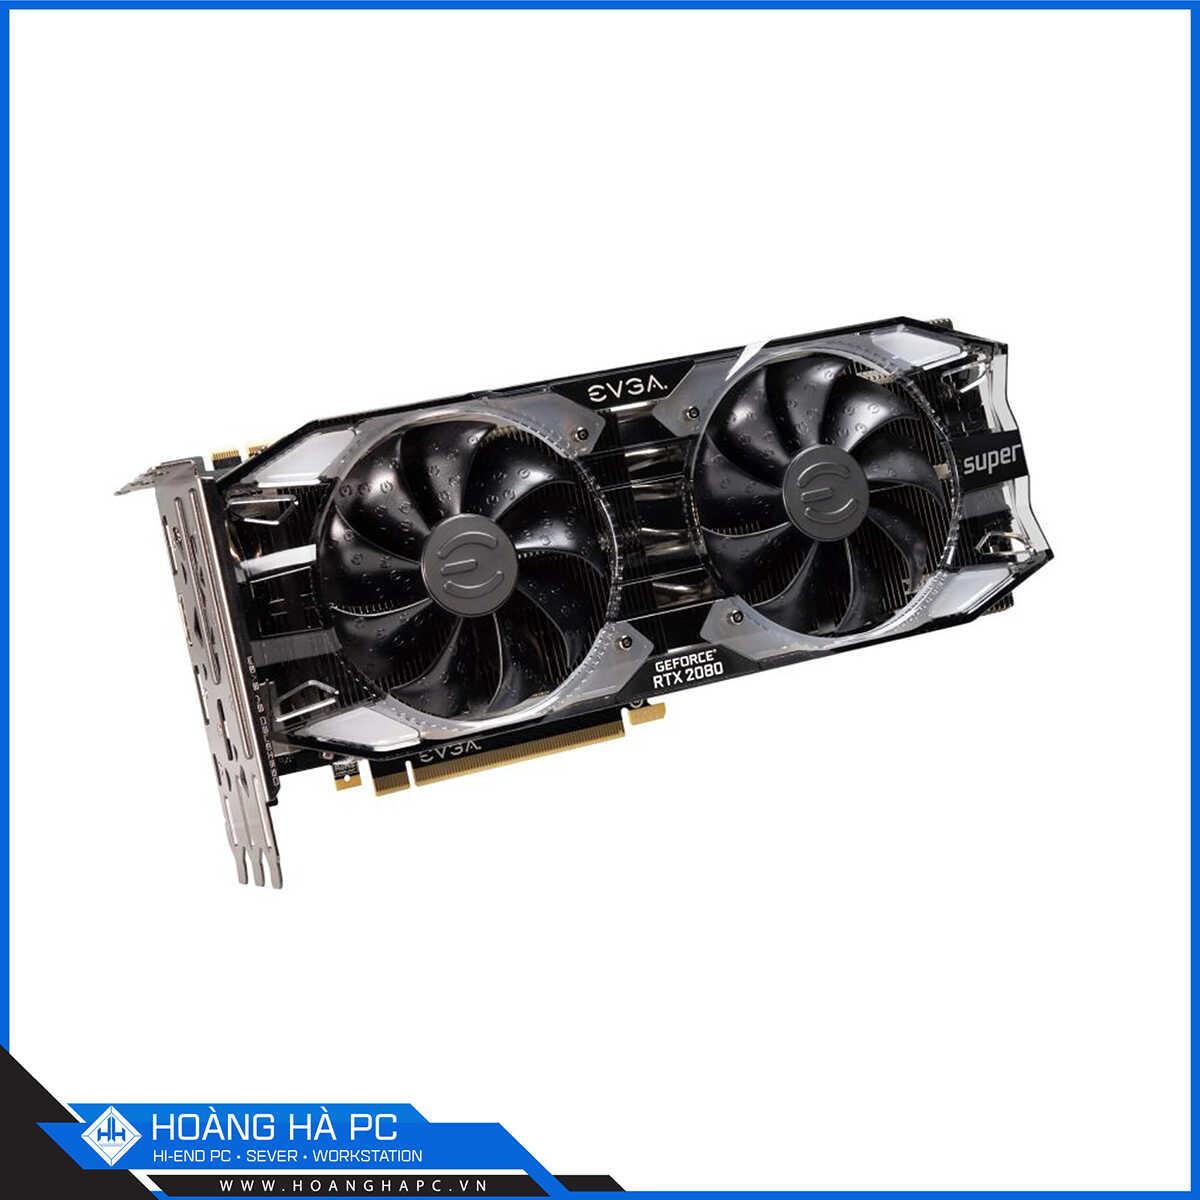 VGA EVGA GeForce RTX 2080 SUPER XC GAMING 8GB